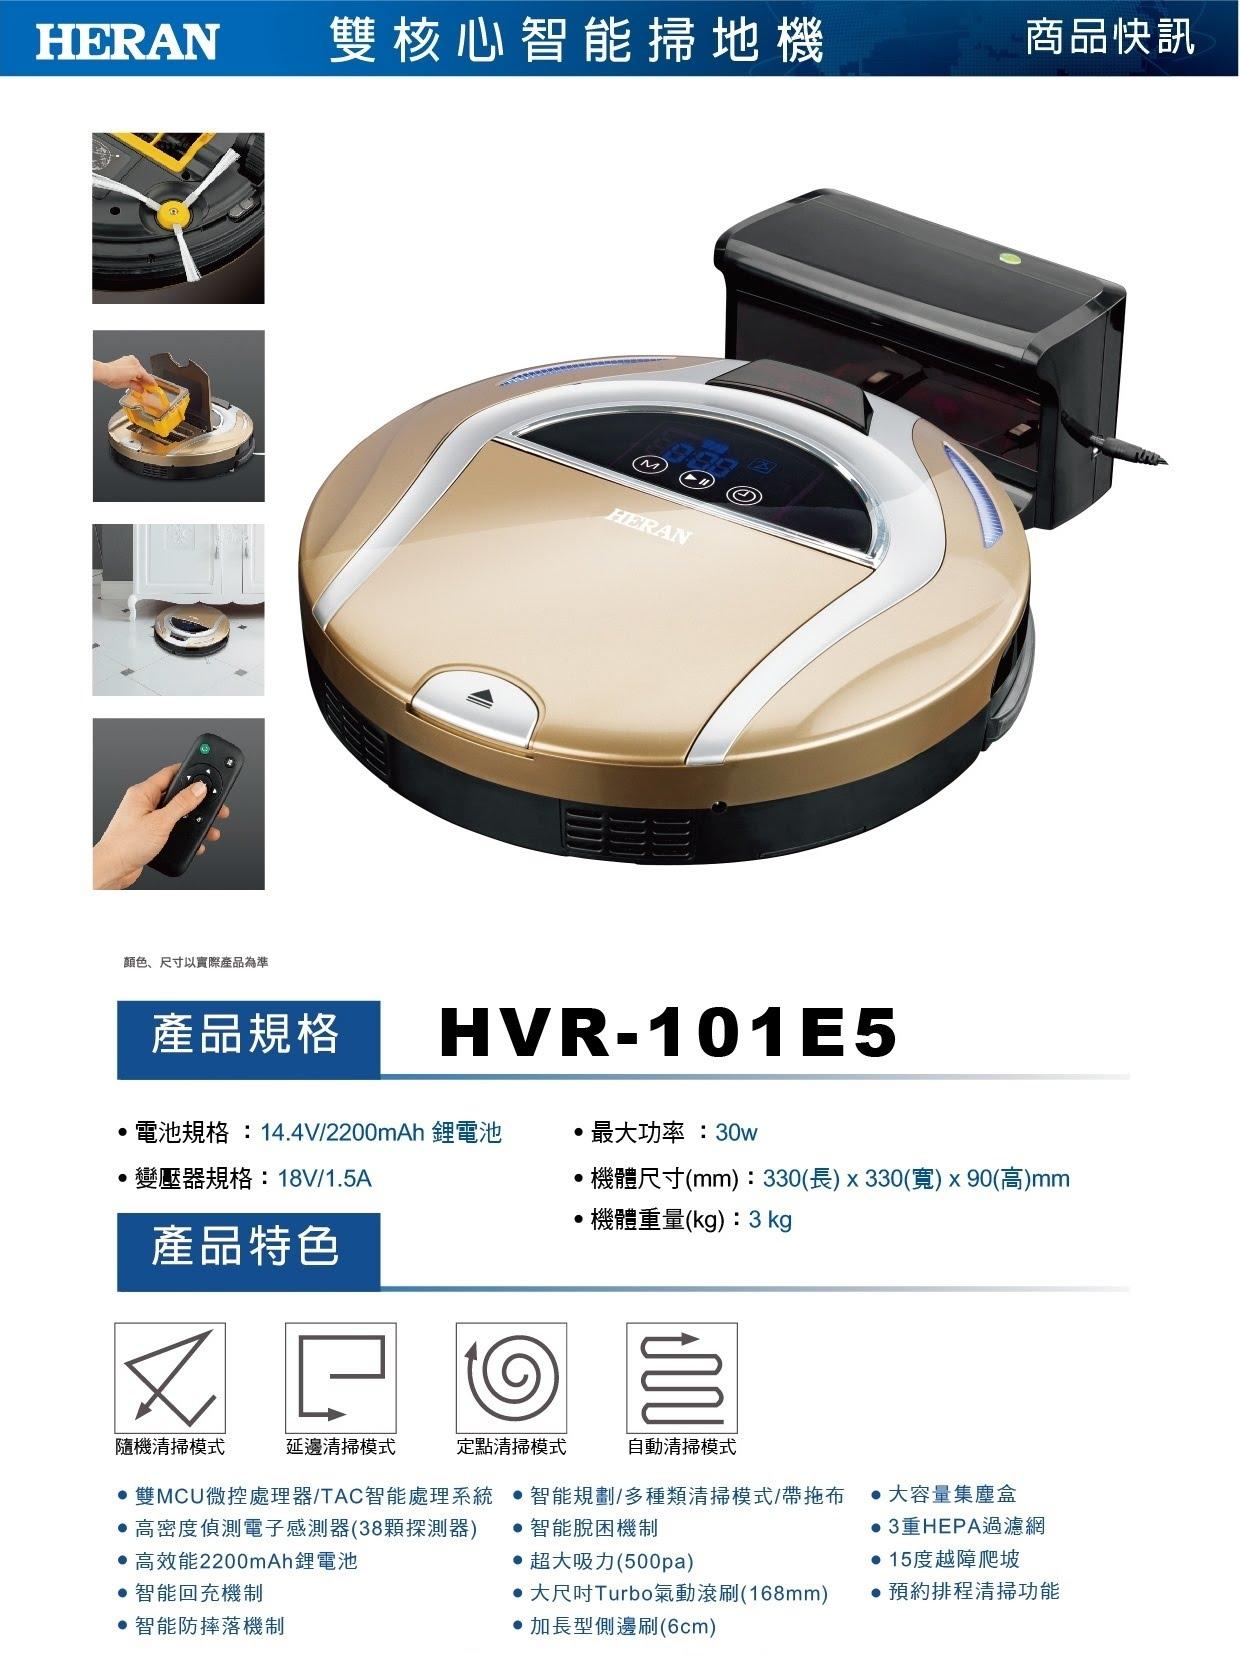 「HVR-101E5」的圖片搜尋結果